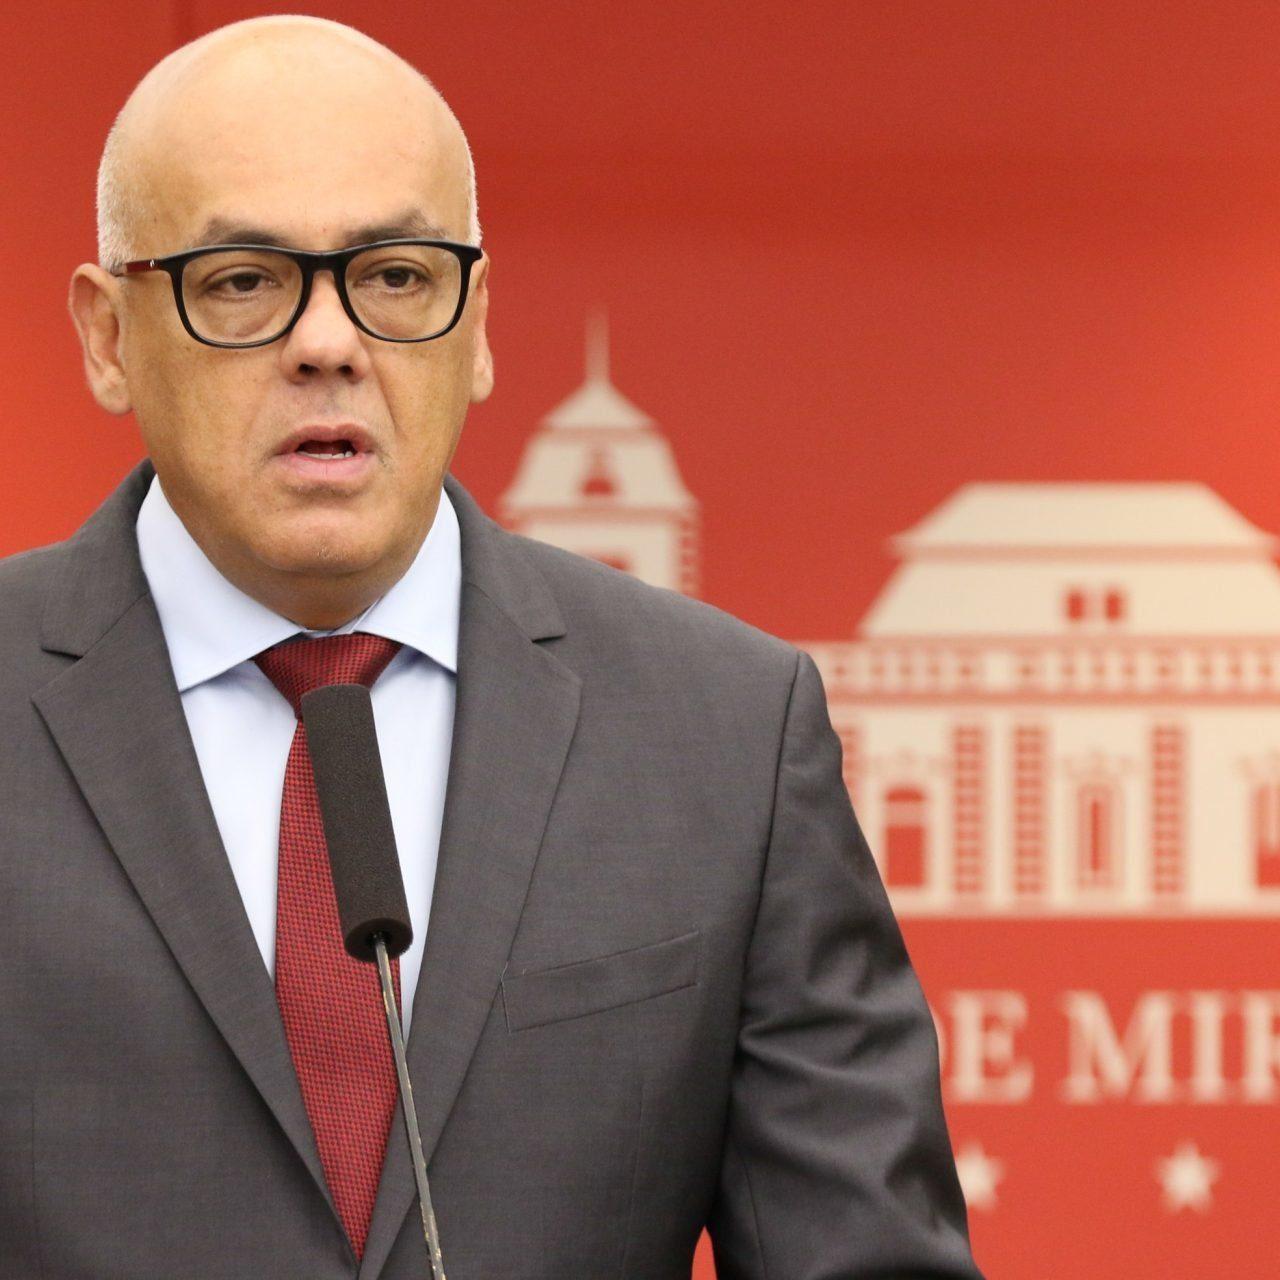 El Gobierno de Venezuela afirma que no atenderá agenda de dialogo impuesta por EEUU